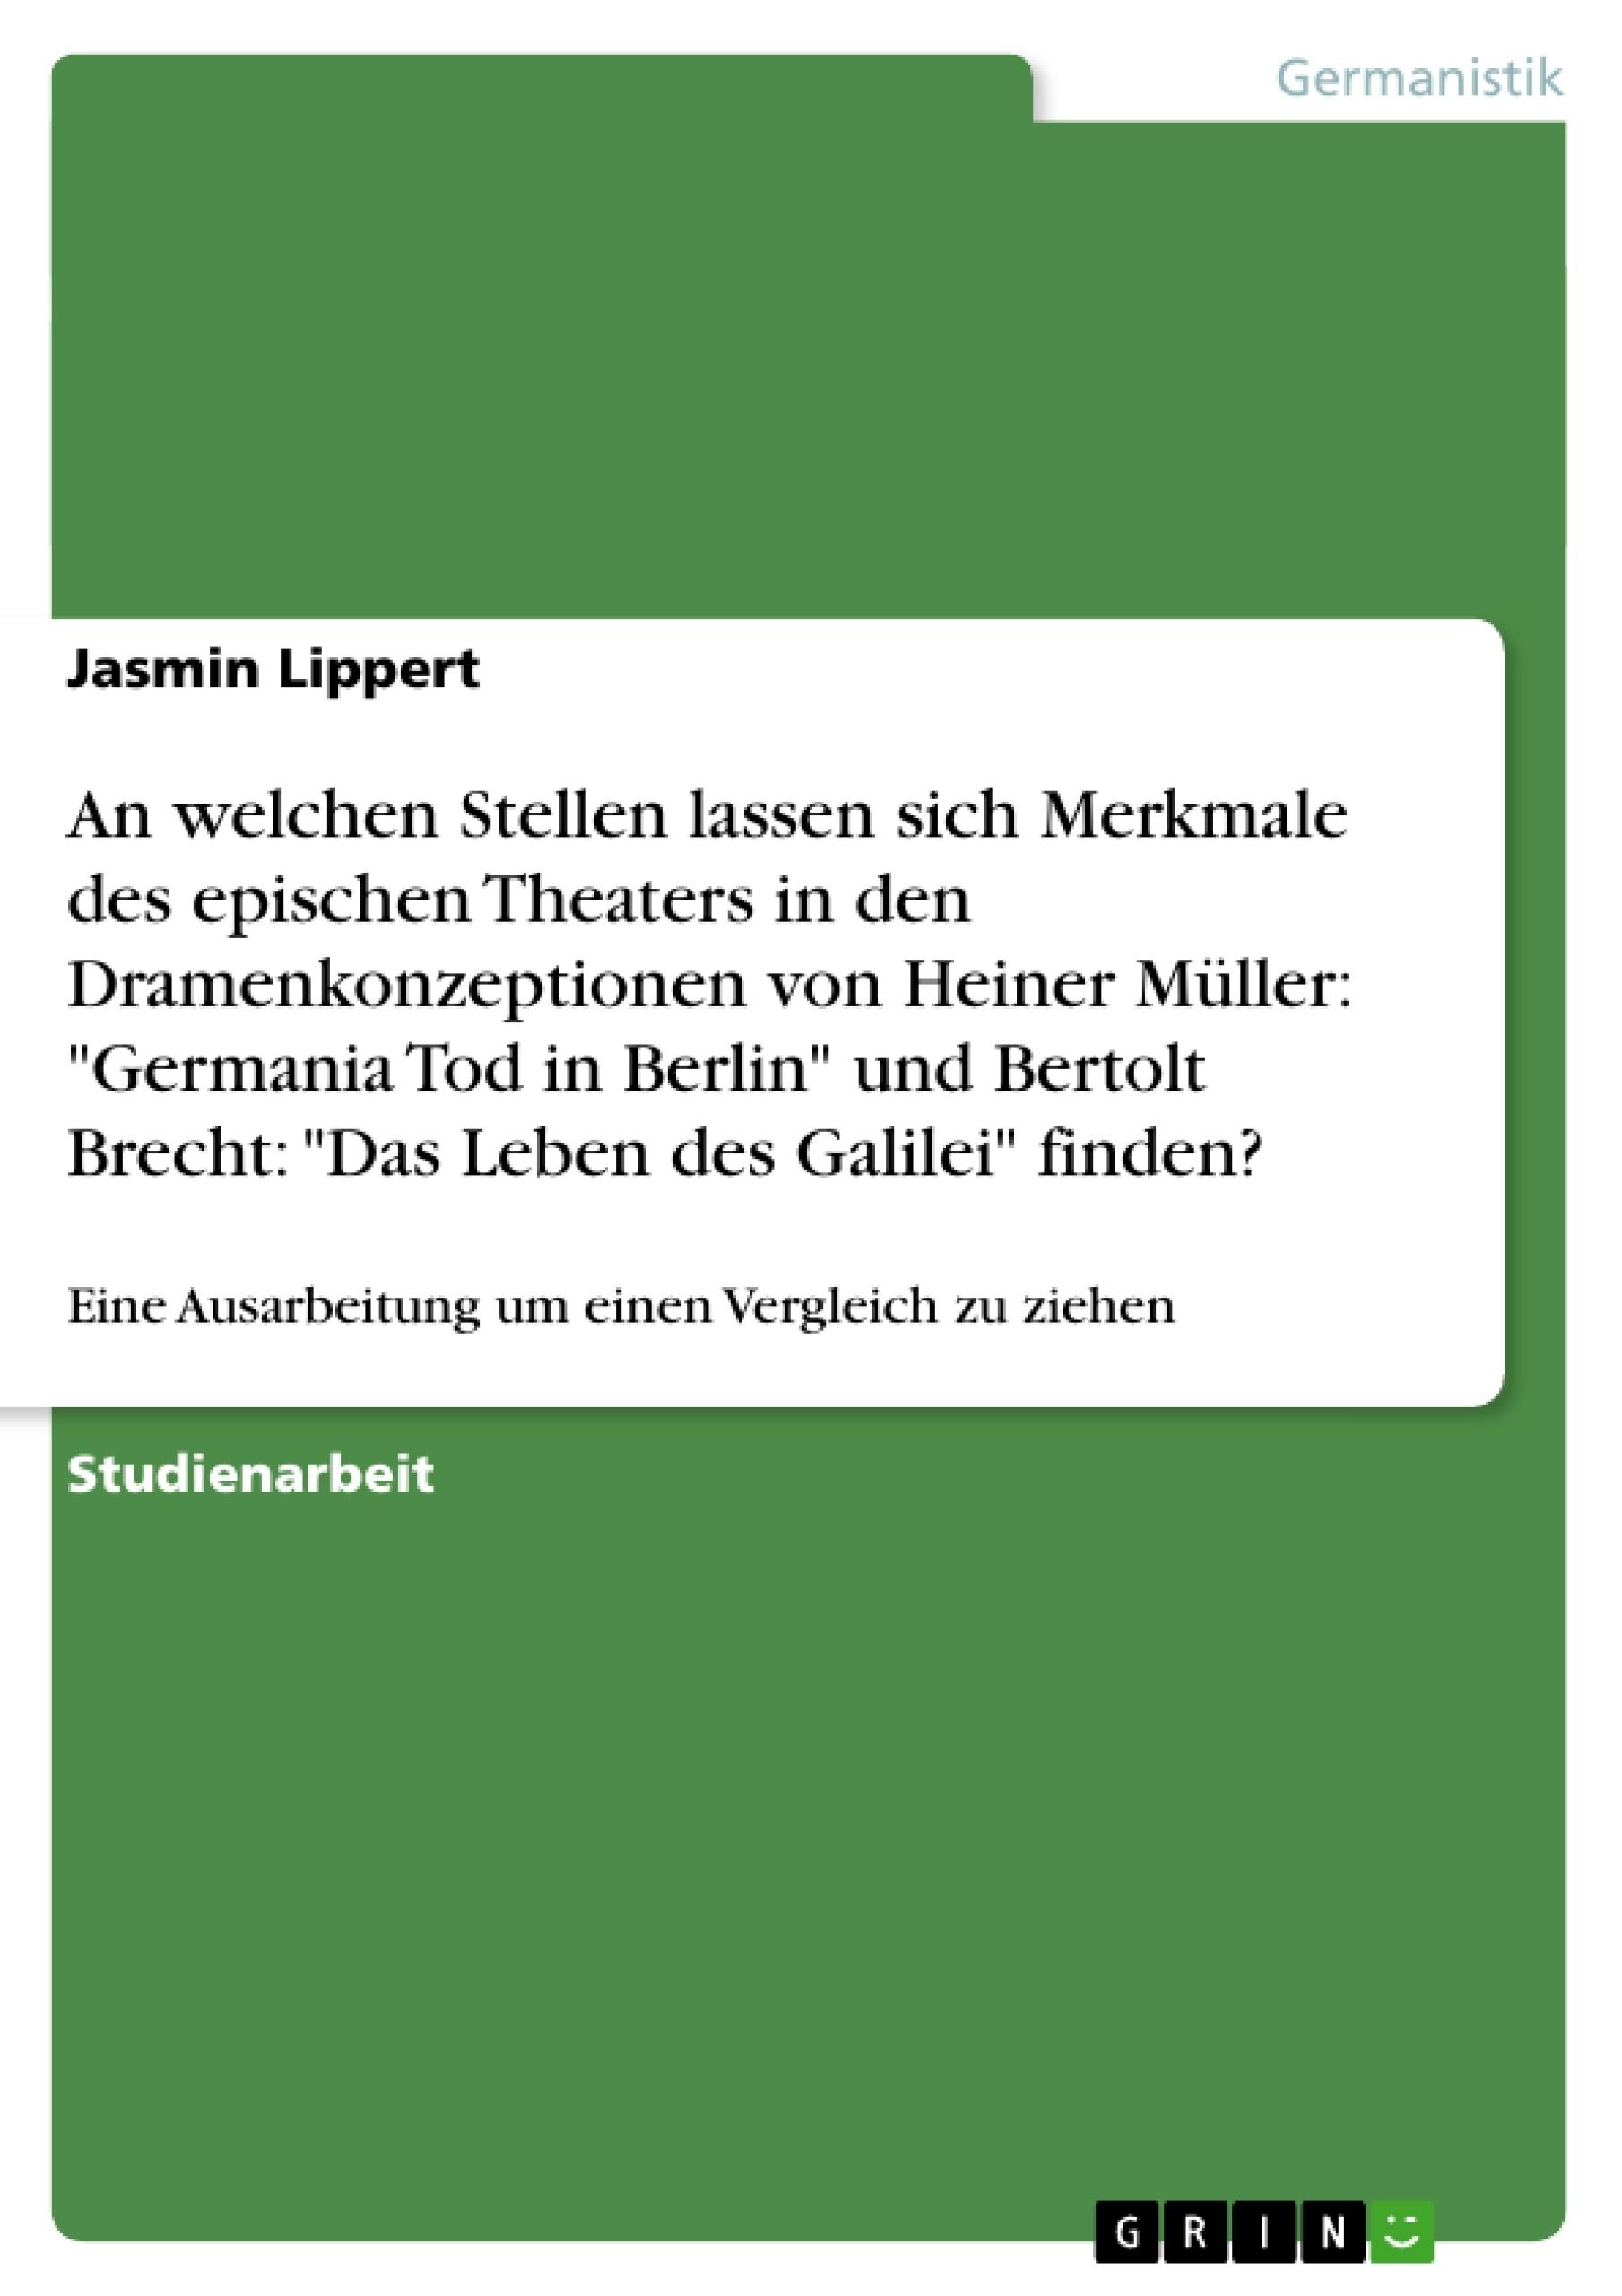 """Titel: An welchen Stellen lassen sich Merkmale des epischen Theaters in den Dramenkonzeptionen von Heiner Müller: """"Germania Tod in Berlin"""" und Bertolt Brecht: """"Das Leben des Galilei"""" finden?"""